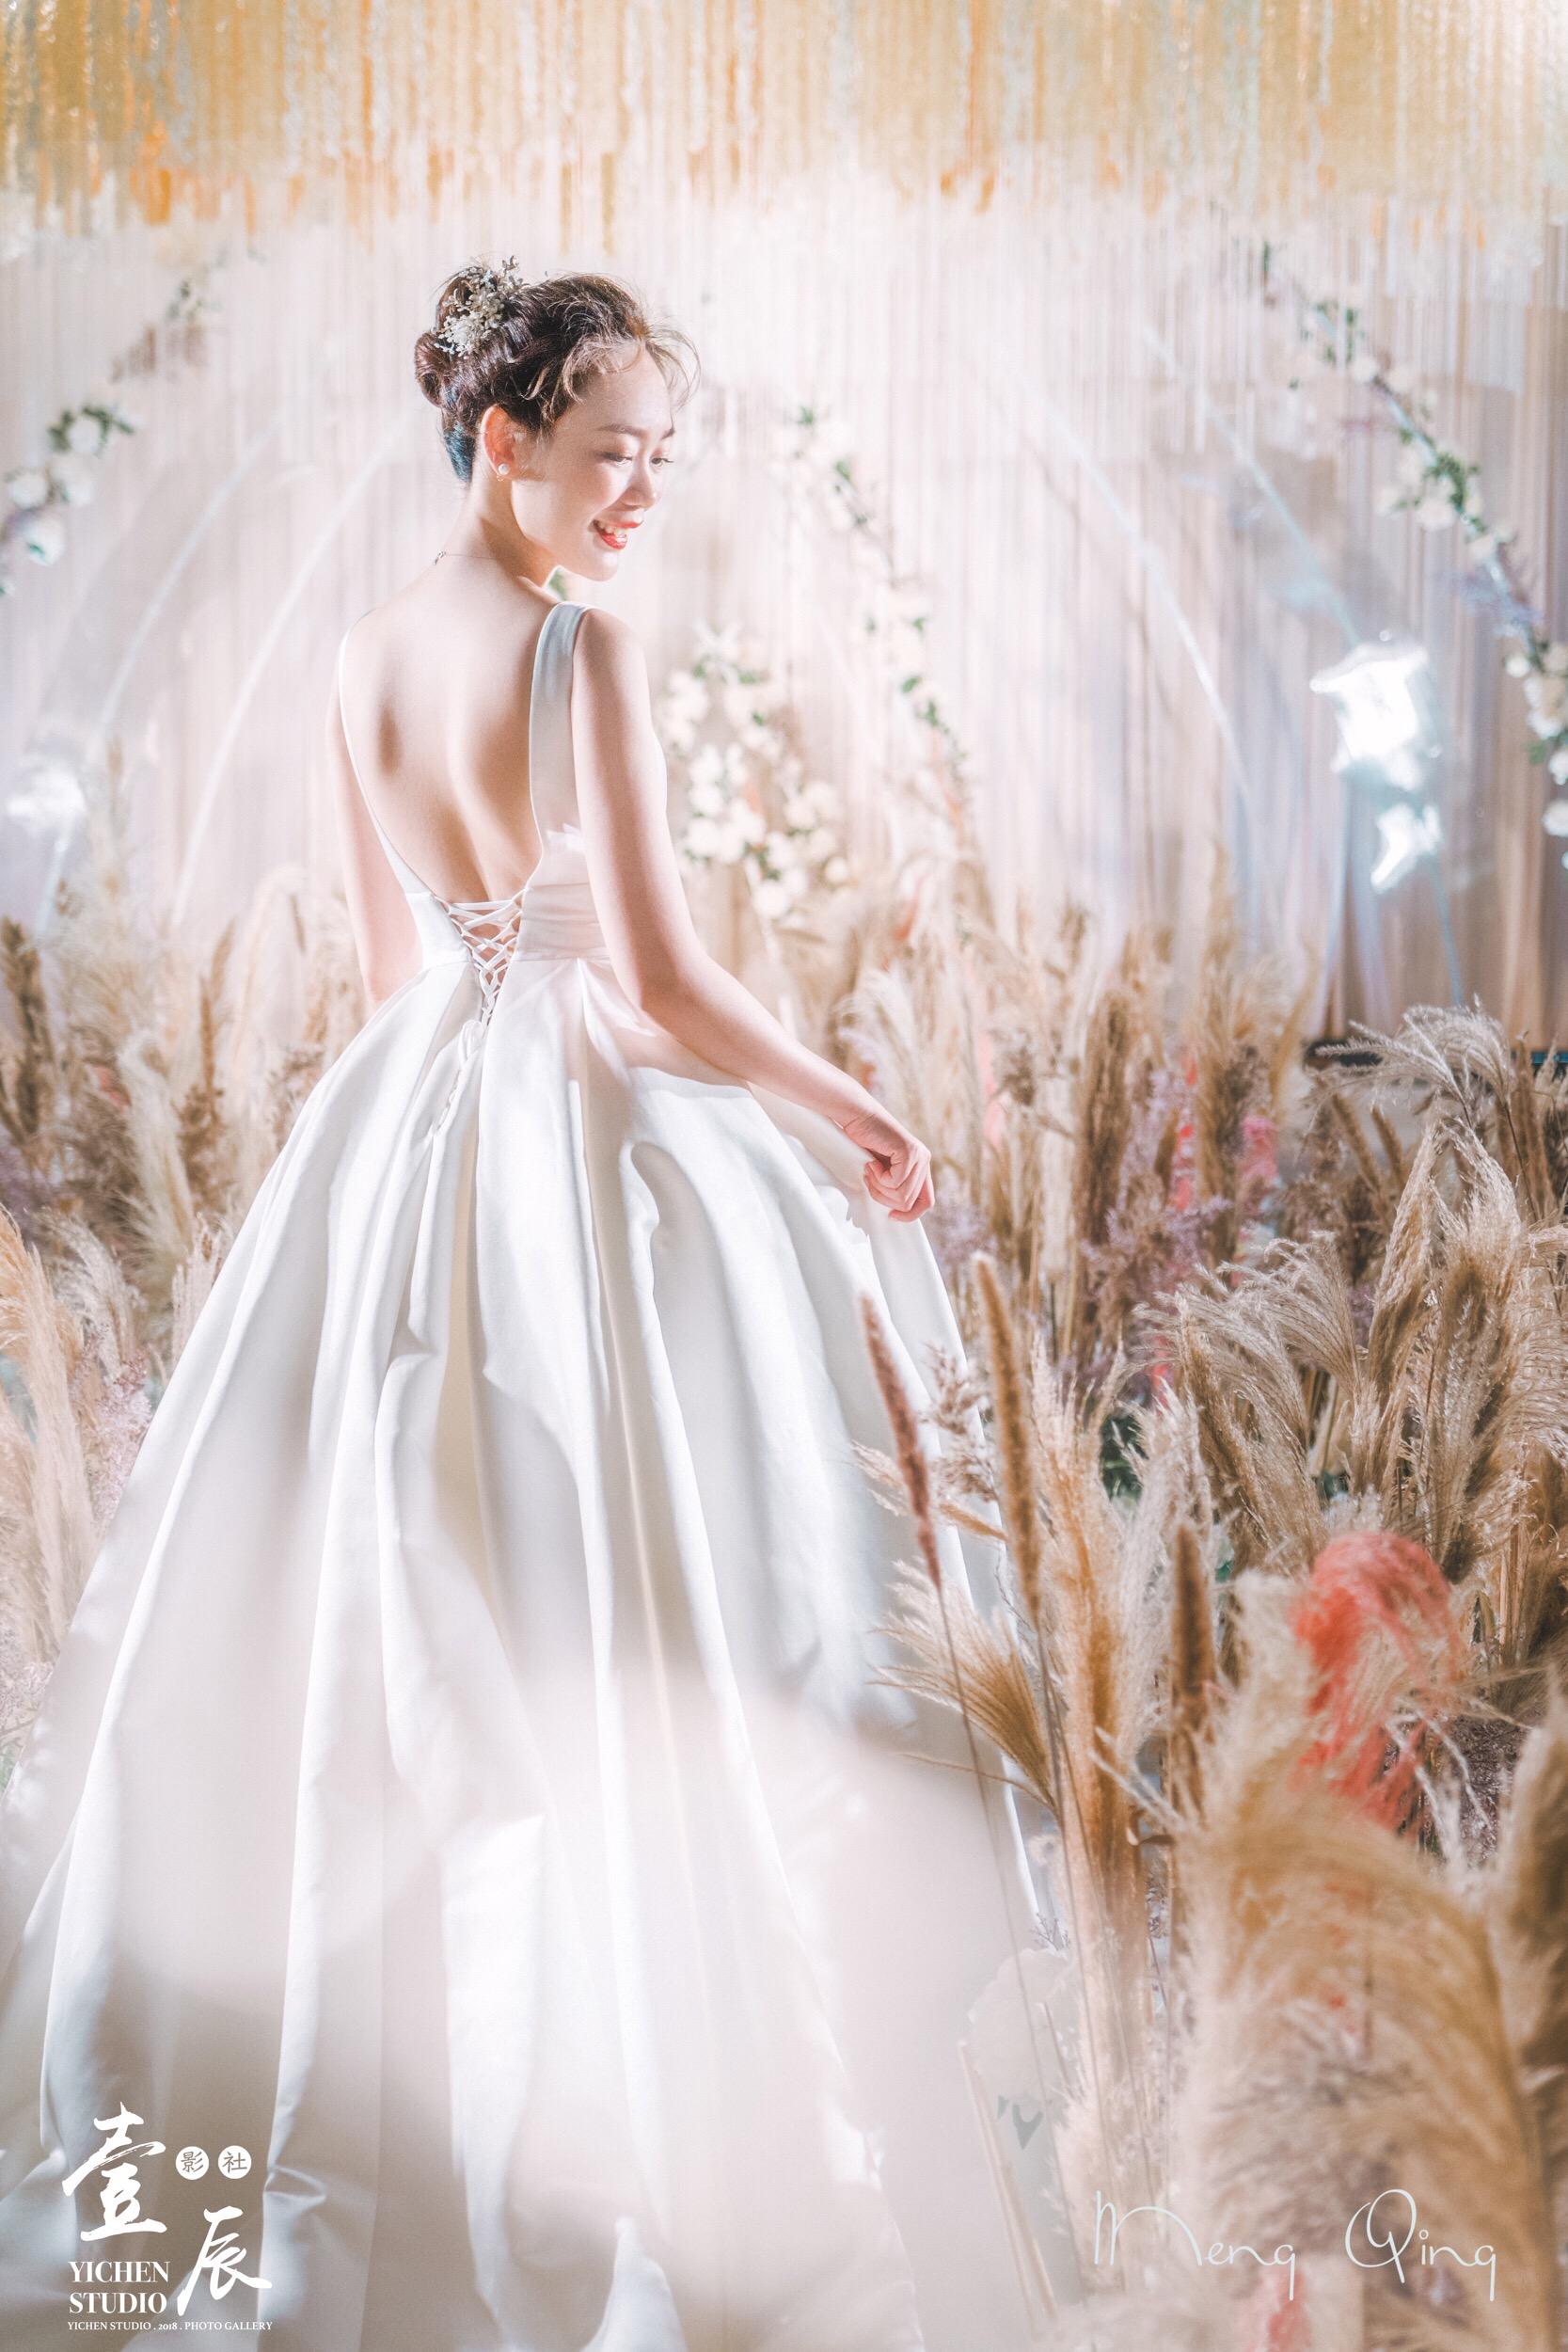 芦苇荡漾婚礼图片